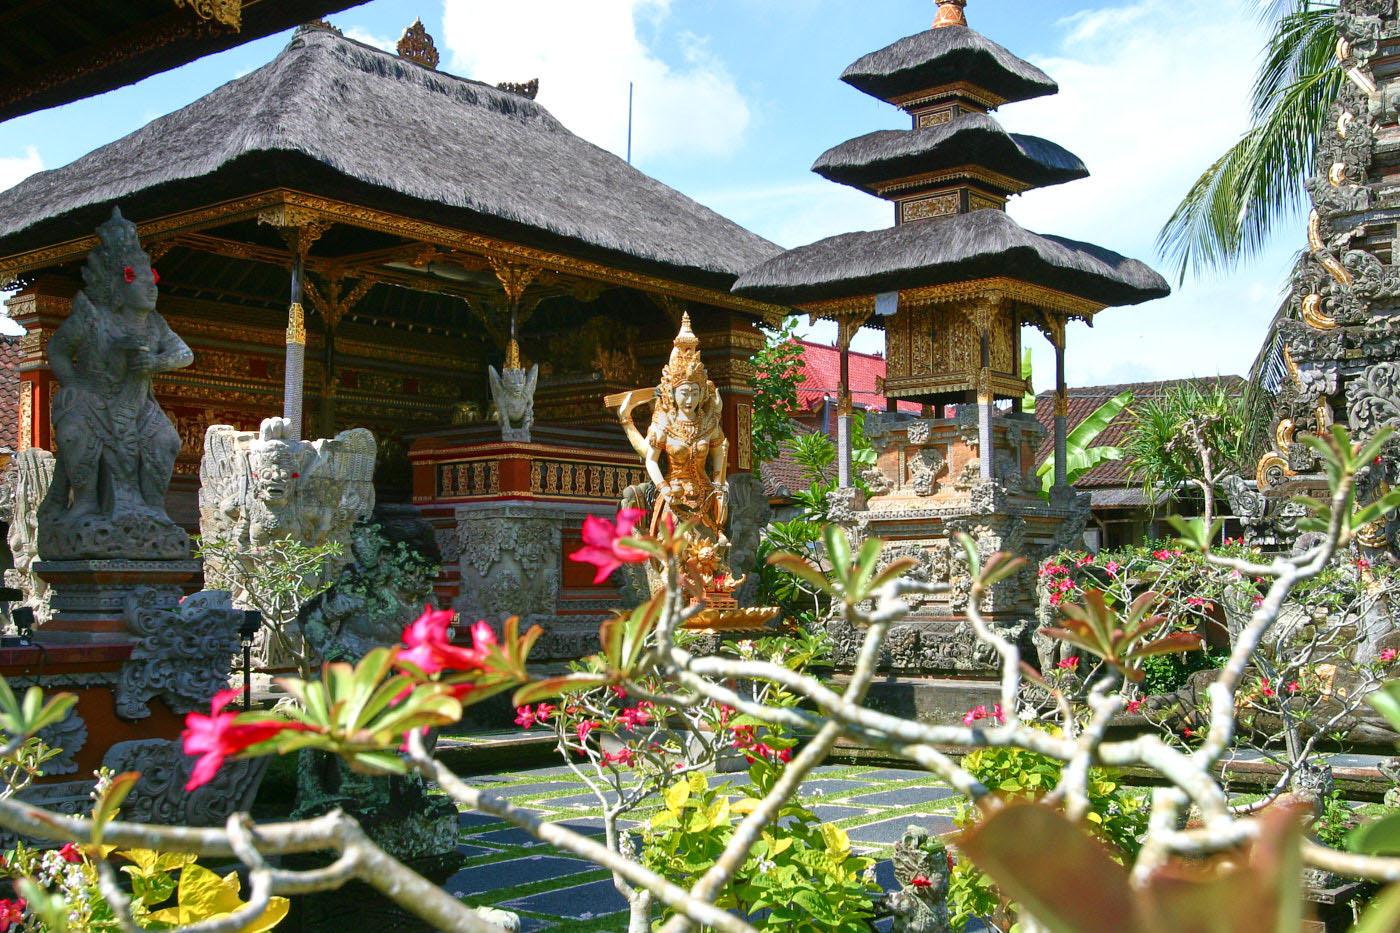 Vietjet to Bali, Delhi and Singapore